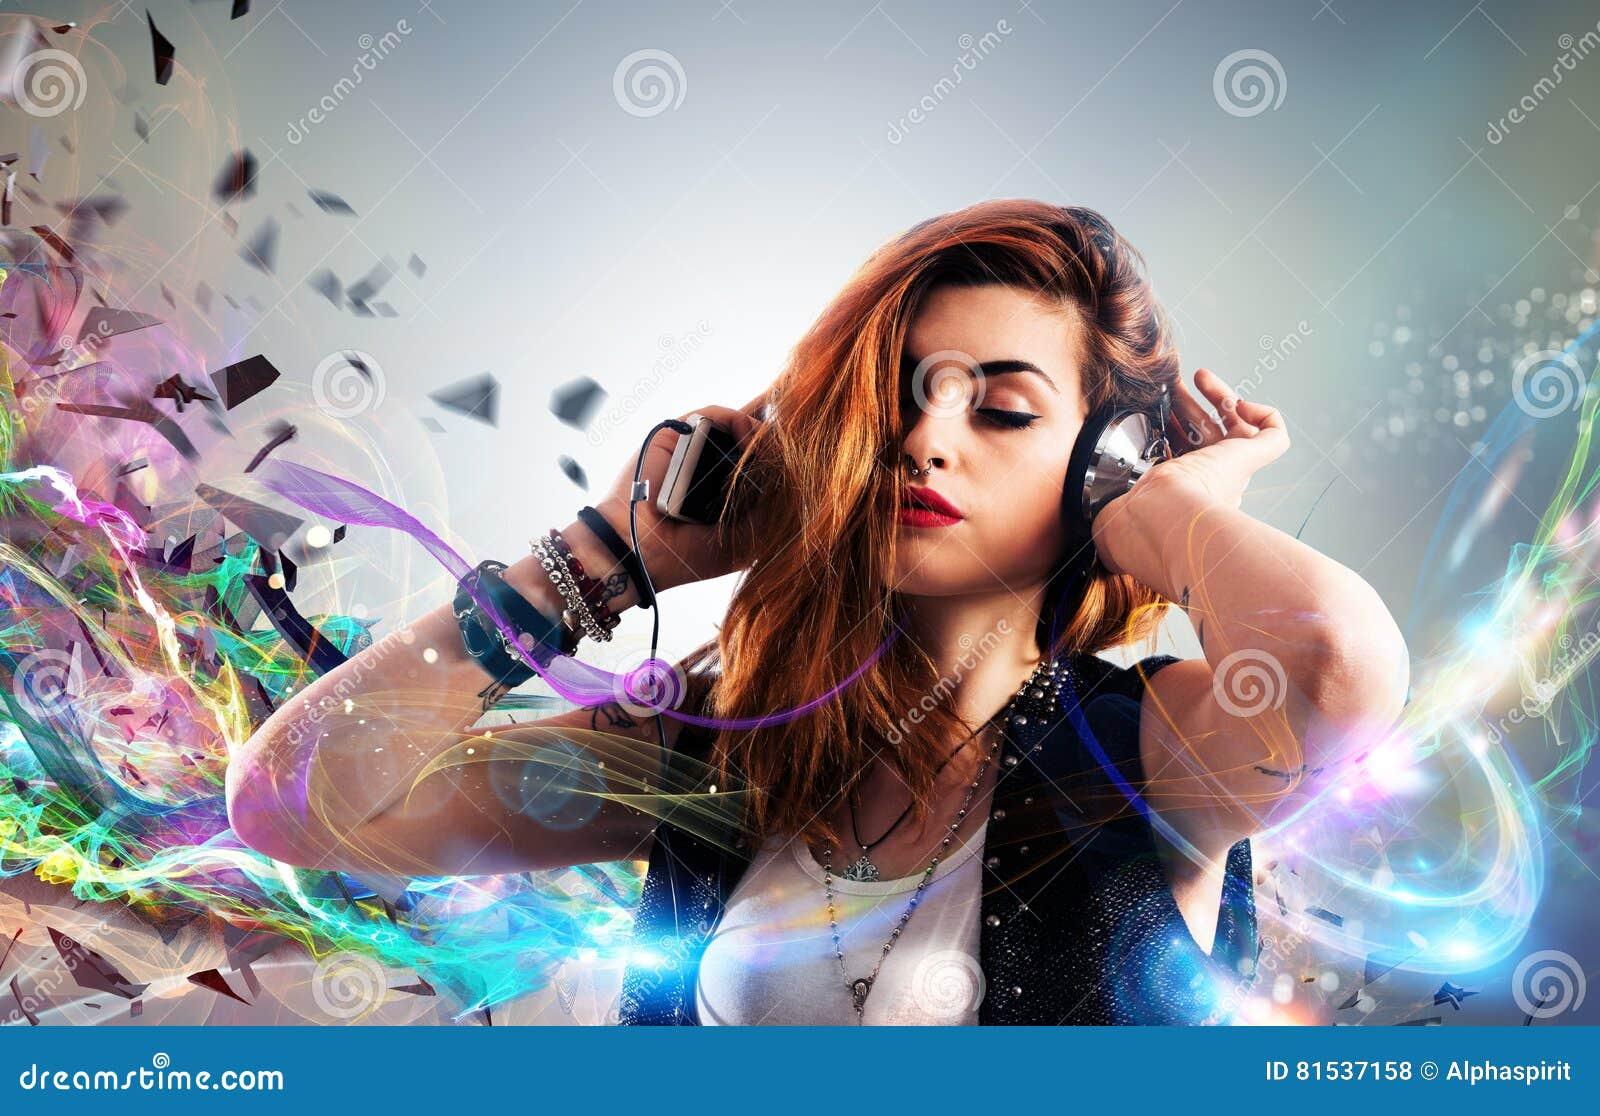 Musikpassion